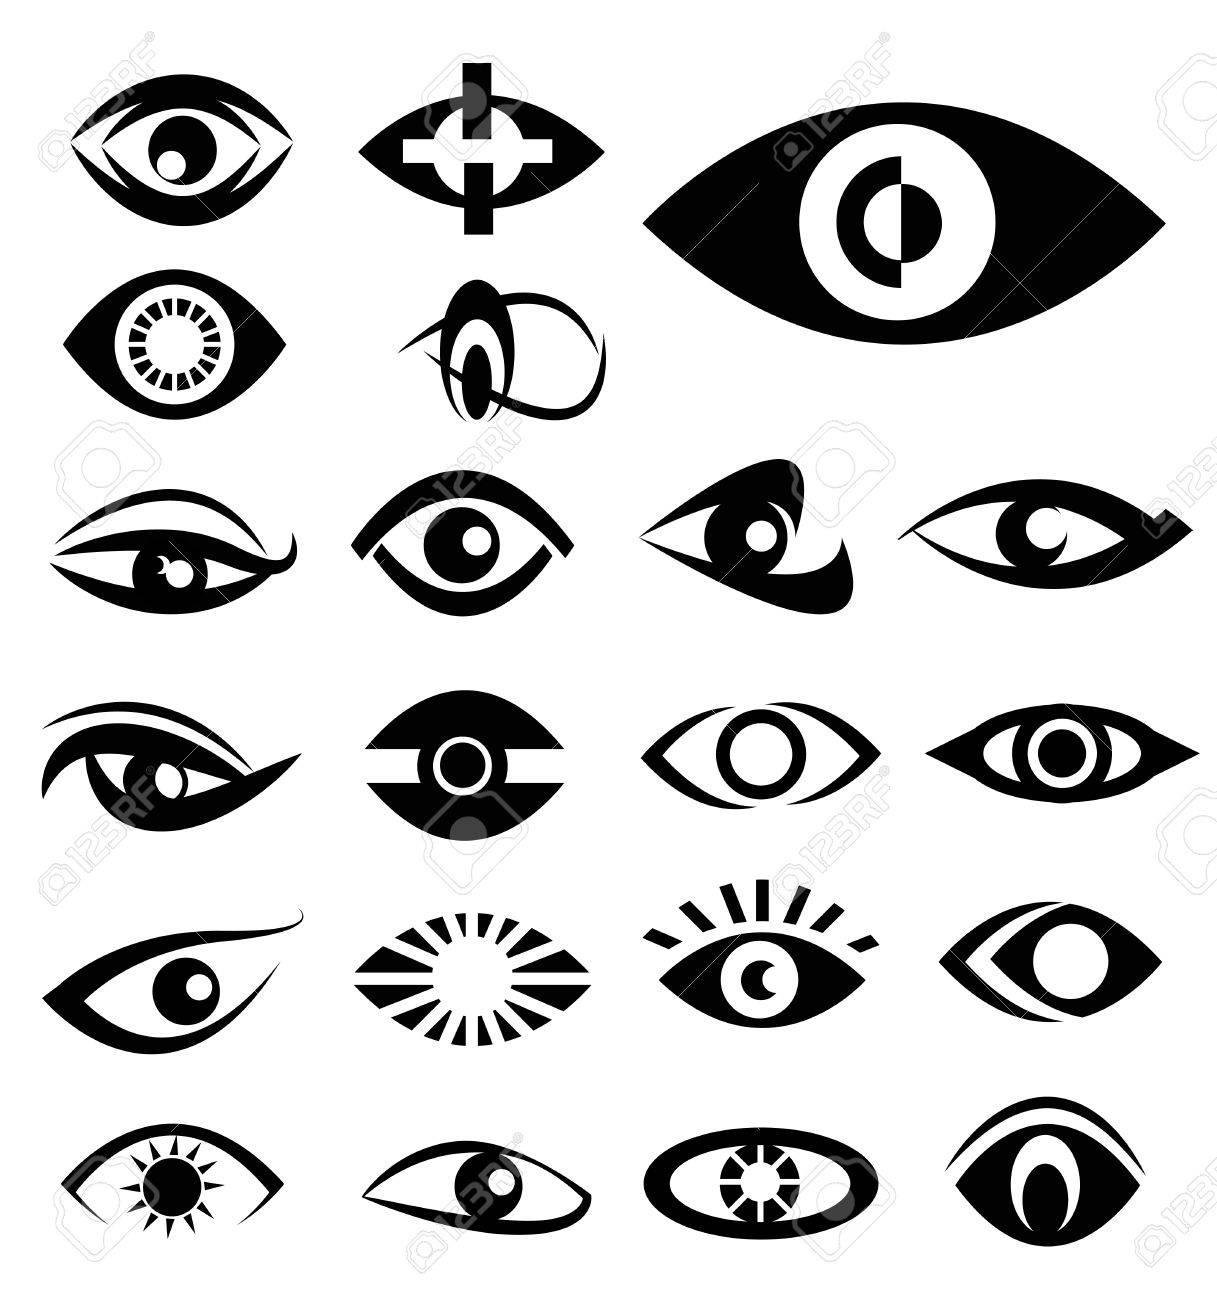 Eyes designs vector - 30749390